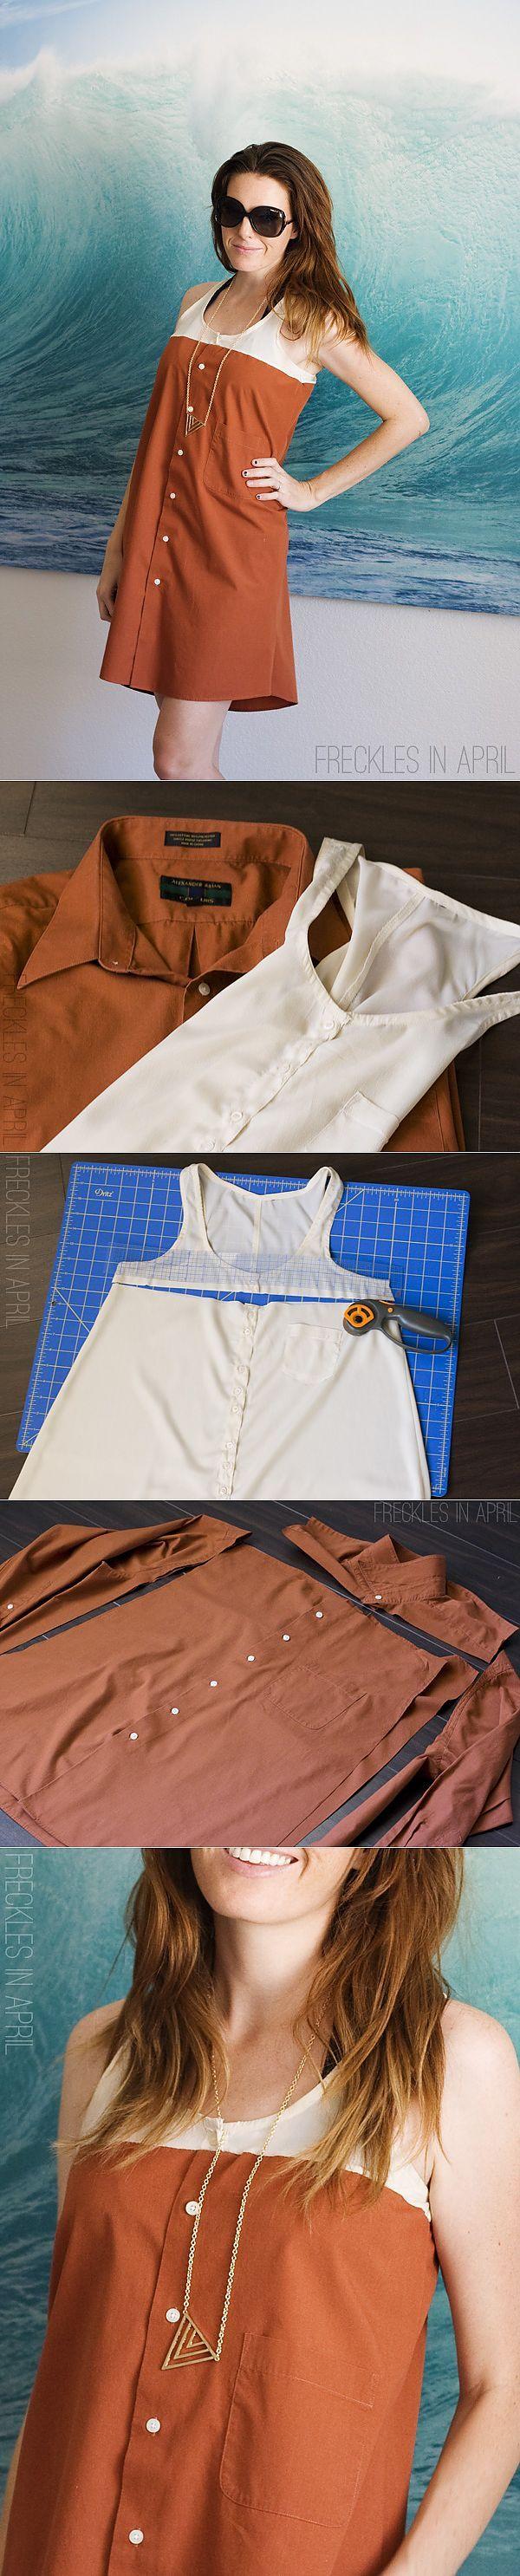 Reciclado de prendas con solo una costura